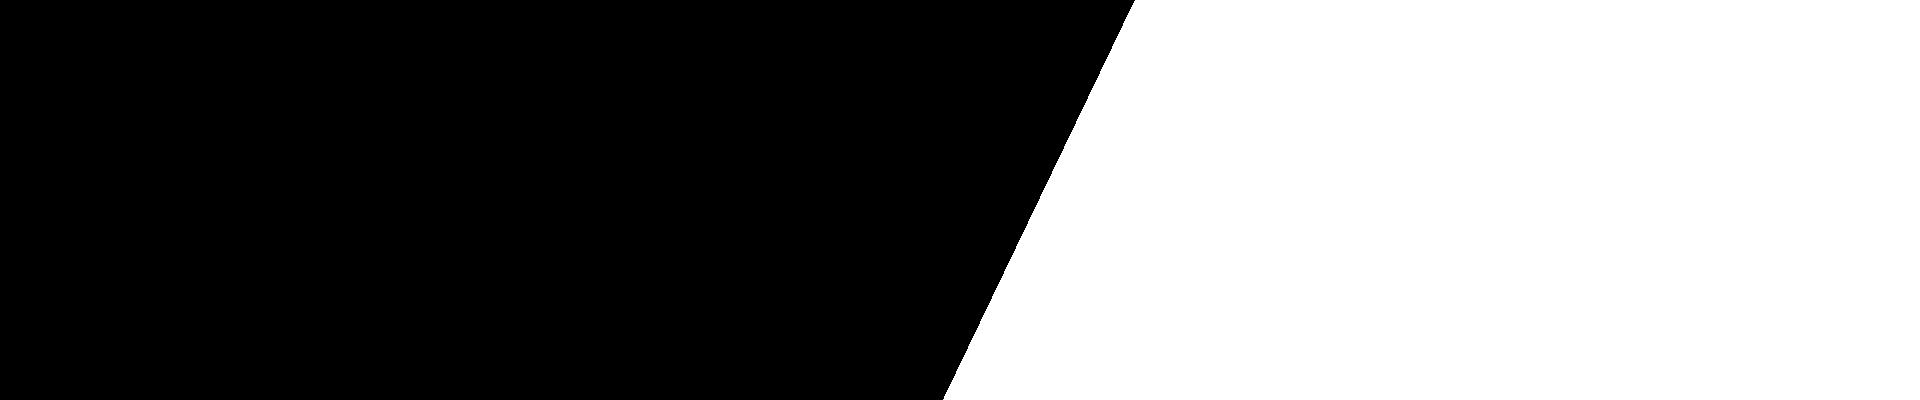 TFT Slider 1 dark